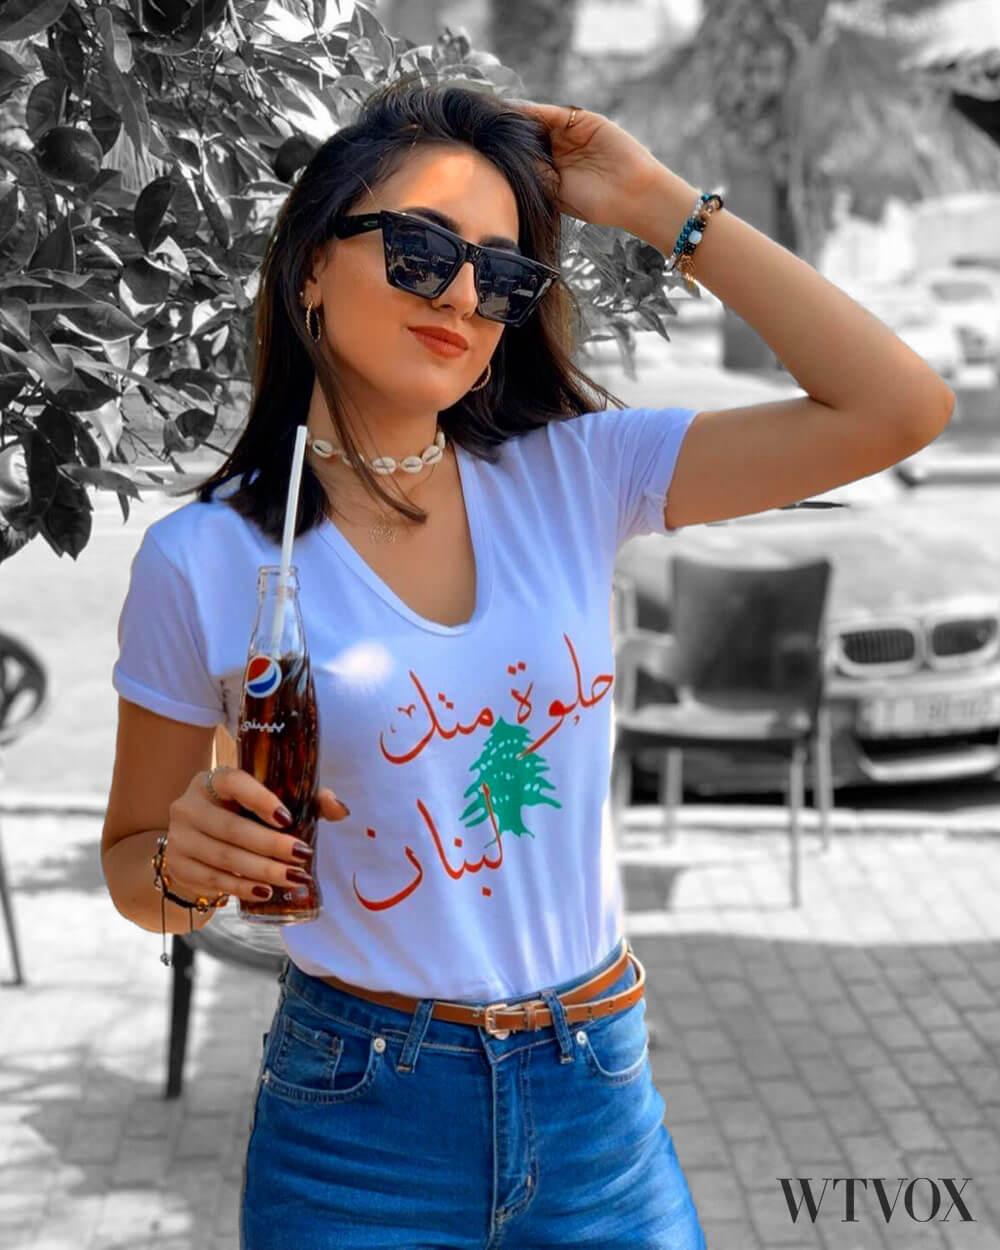 Lebanese fashion style